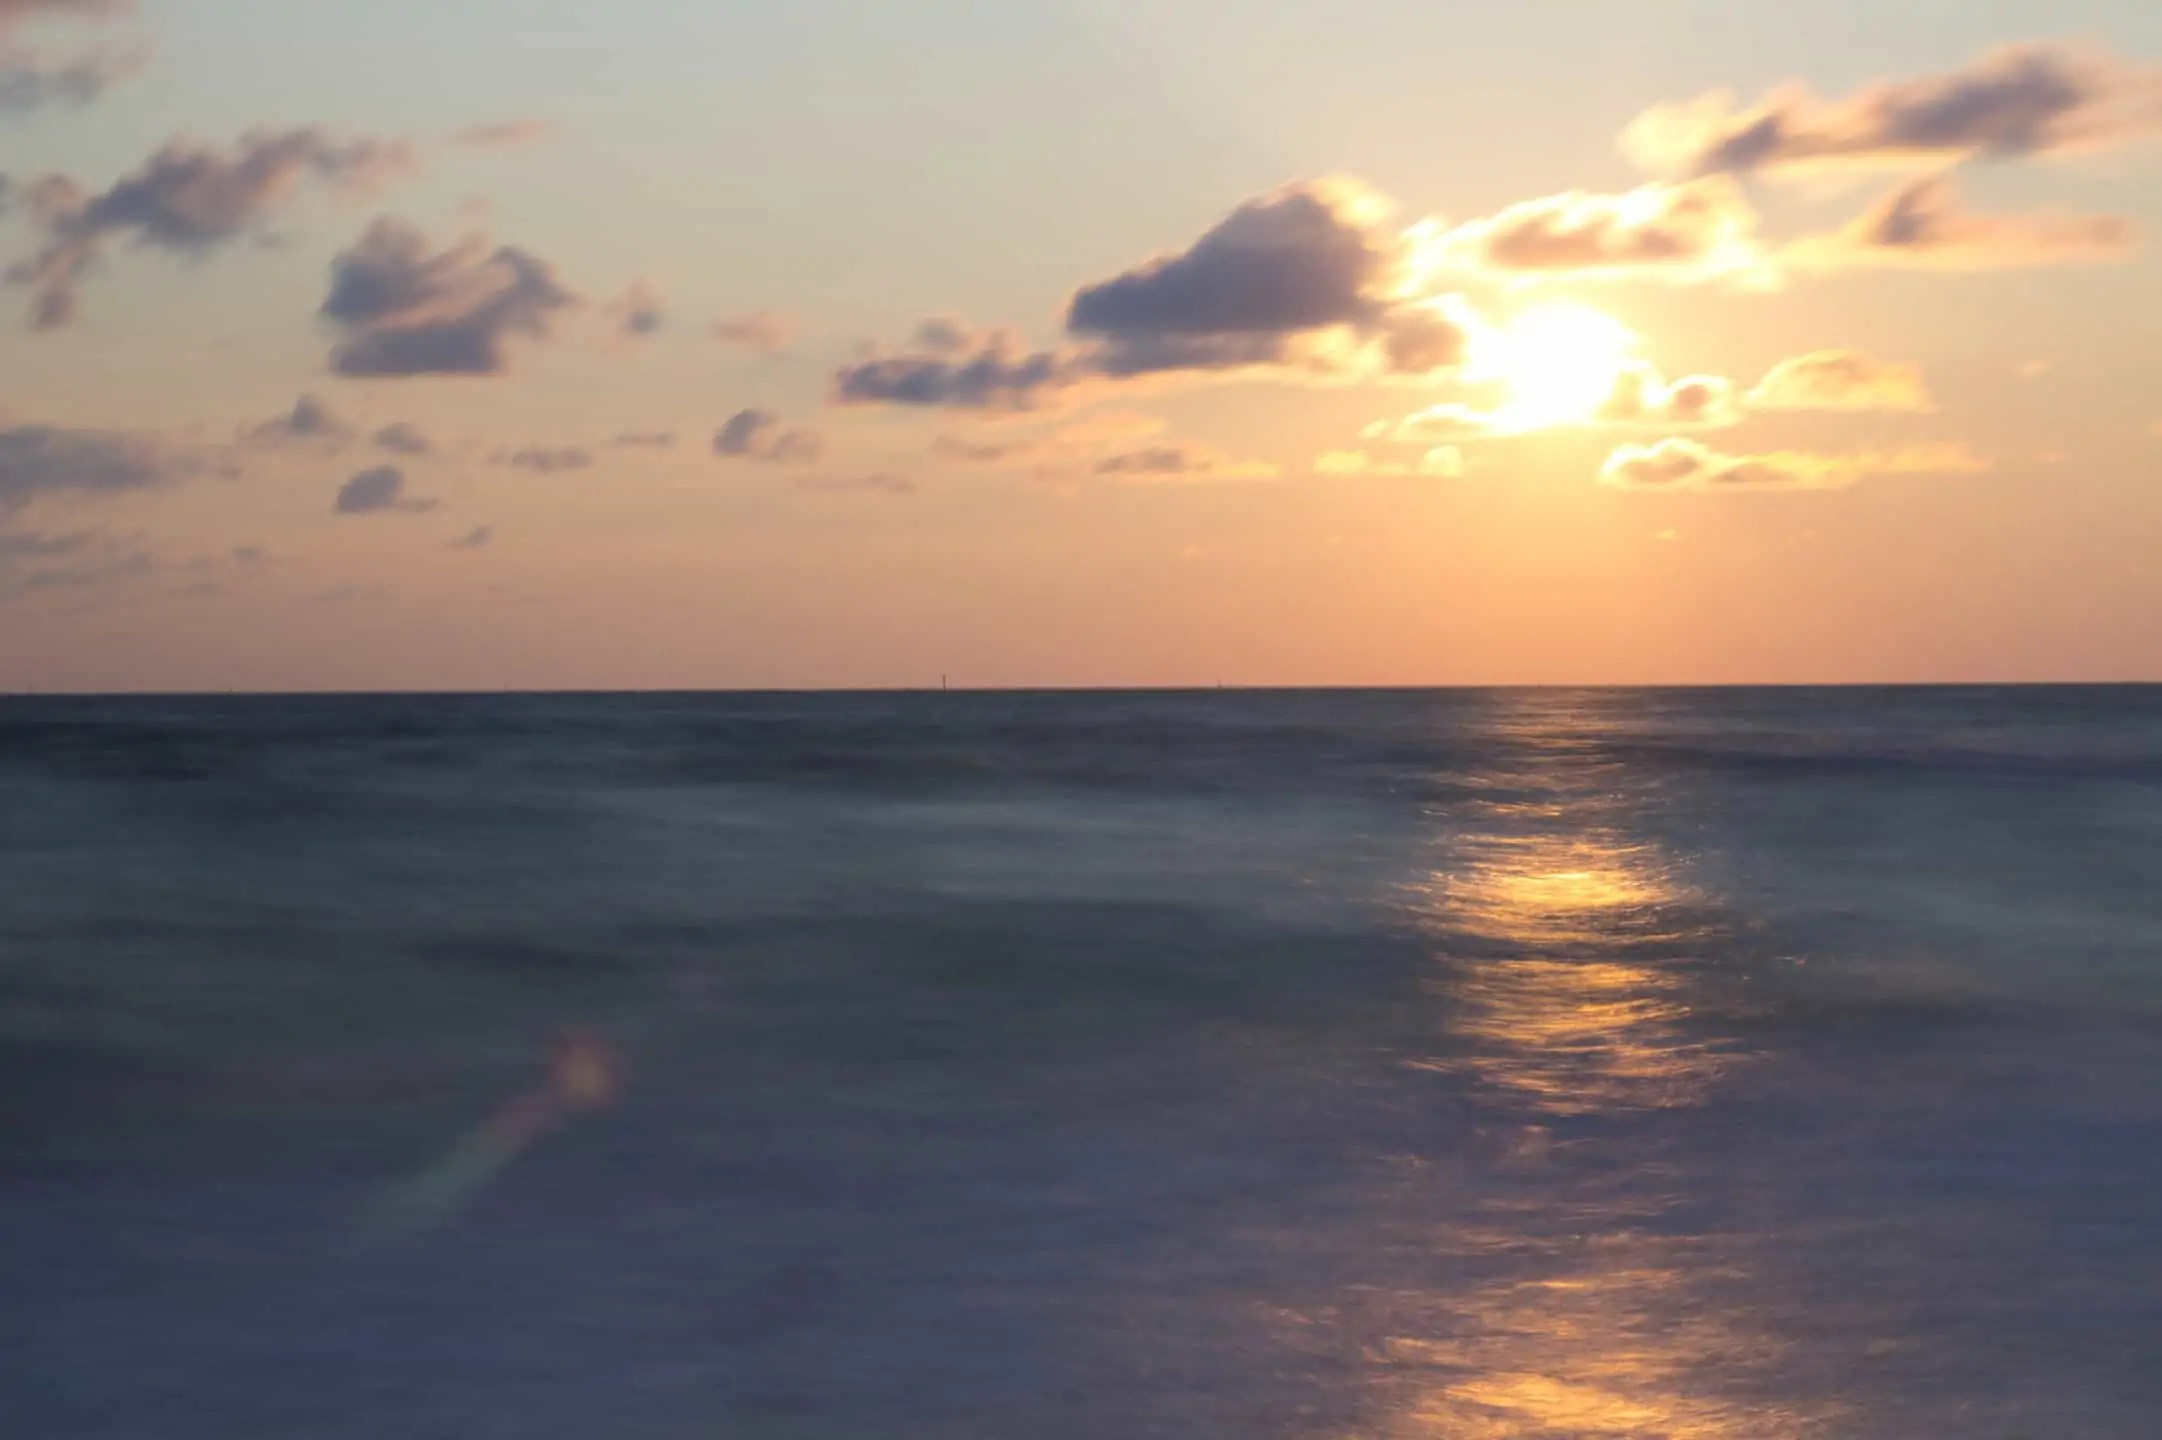 Długi Czas Naświetlania Filtr ND 1000 13 sekund - Długi czas naświetlania zdjęcia - 3 długie ekspozycje!